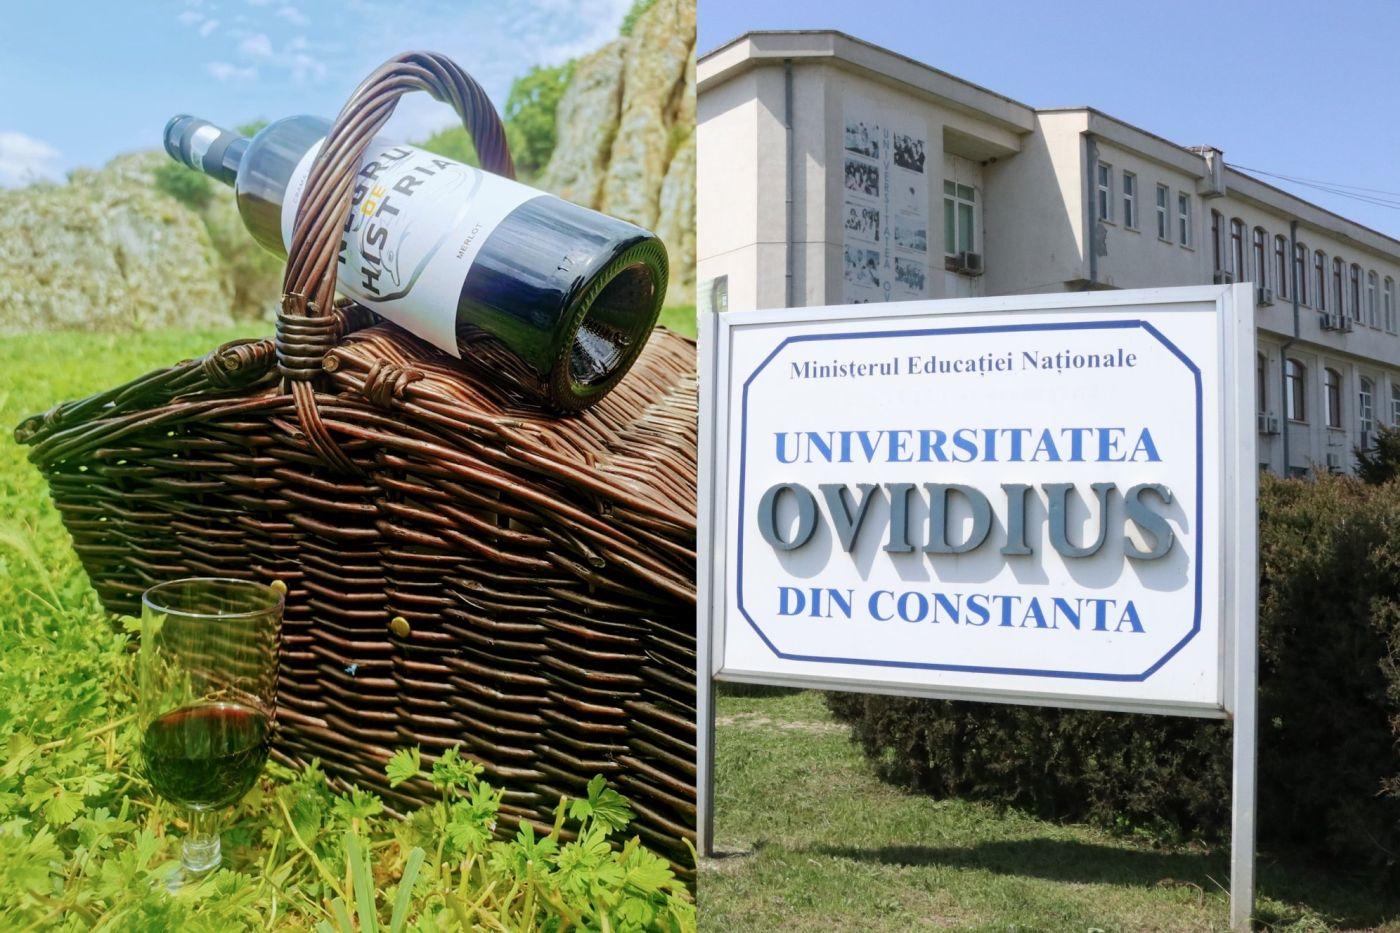 O firmă care a raportat pierderi de 1,7 milioane lei, la o cifră de afaceri de 1,8 milioane lei, sponsorizează Universitatea Ovidius